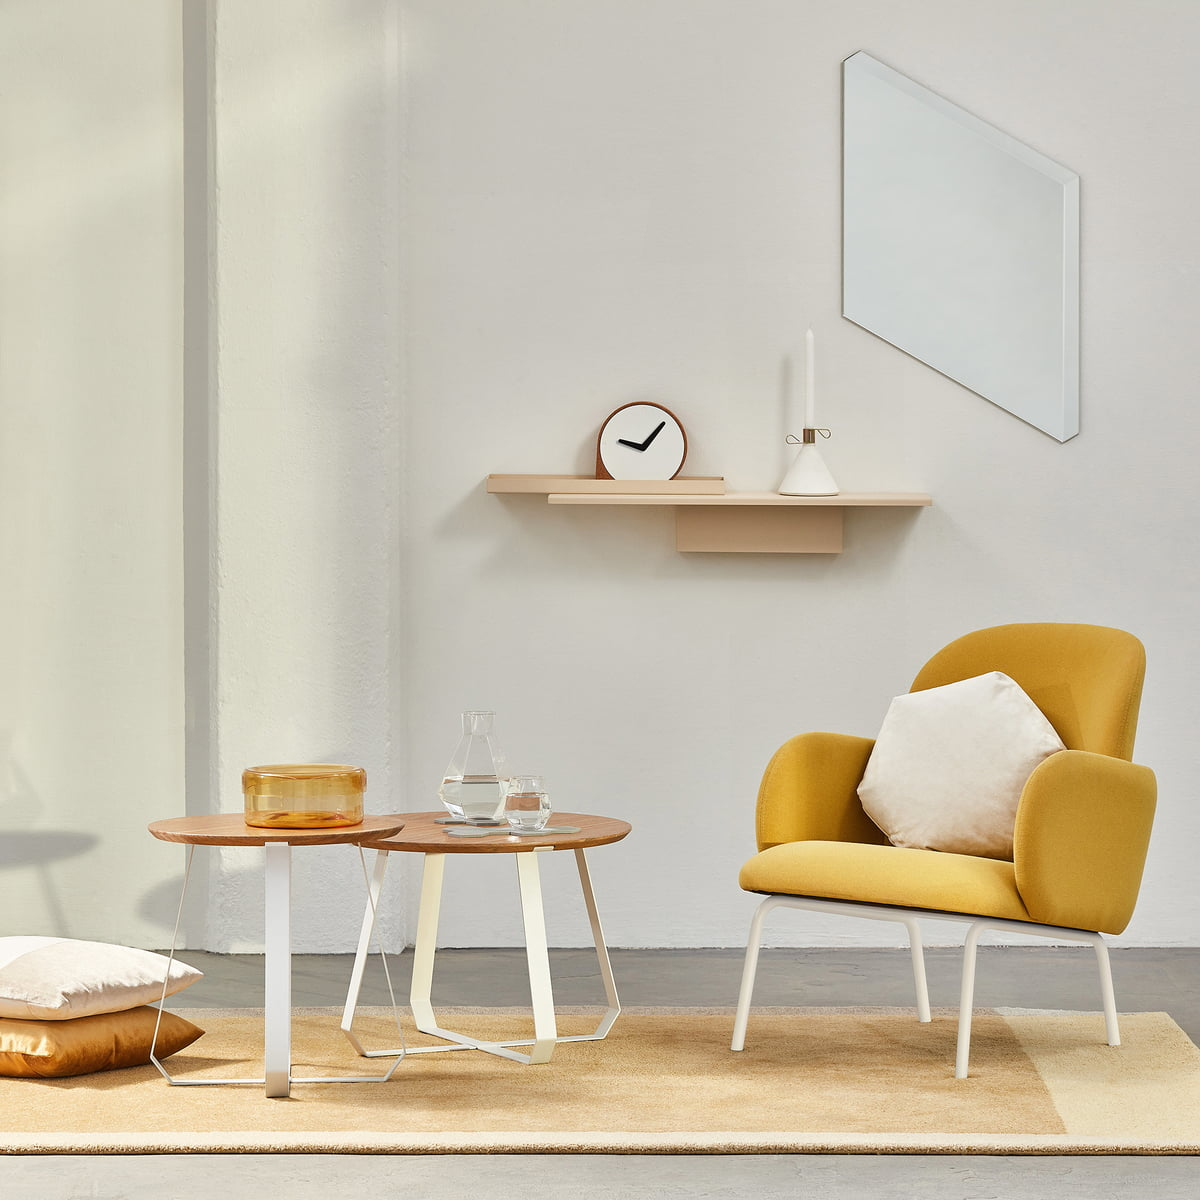 puik dost chair gelb shunan cork clock duplex ambiente jpg